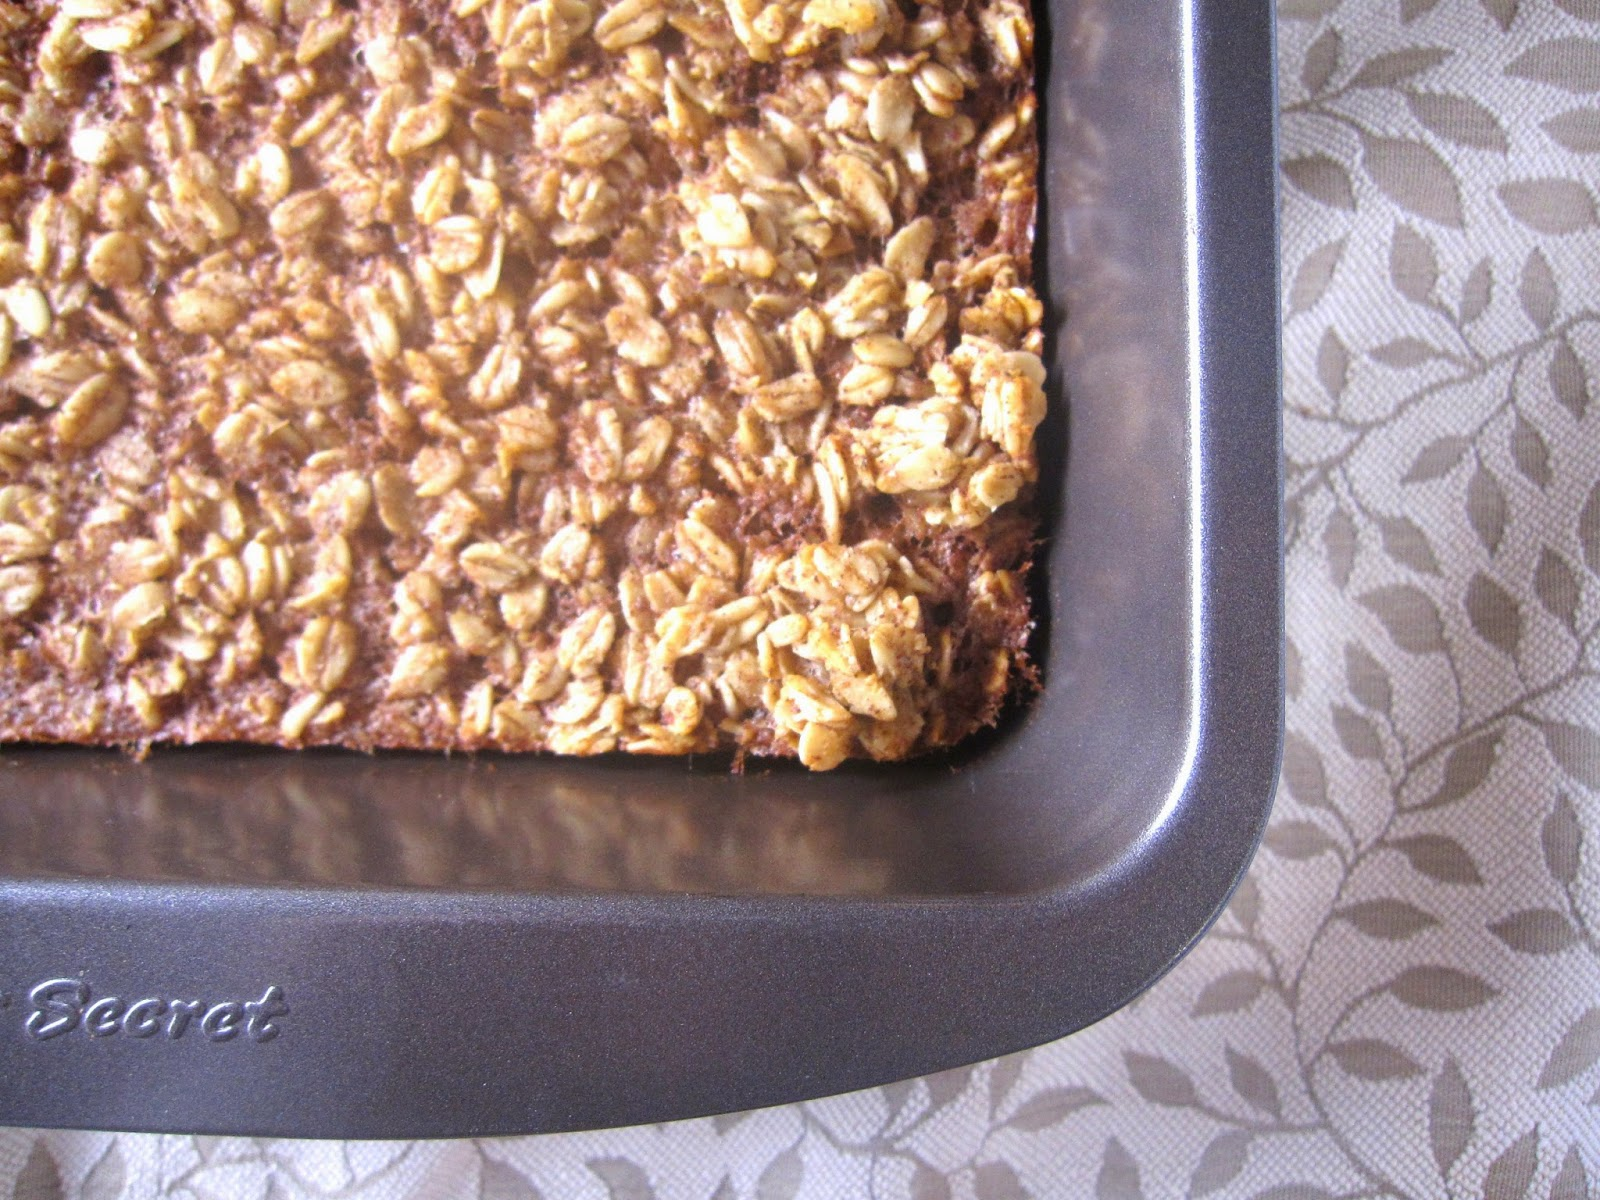 Baked Oatmeal